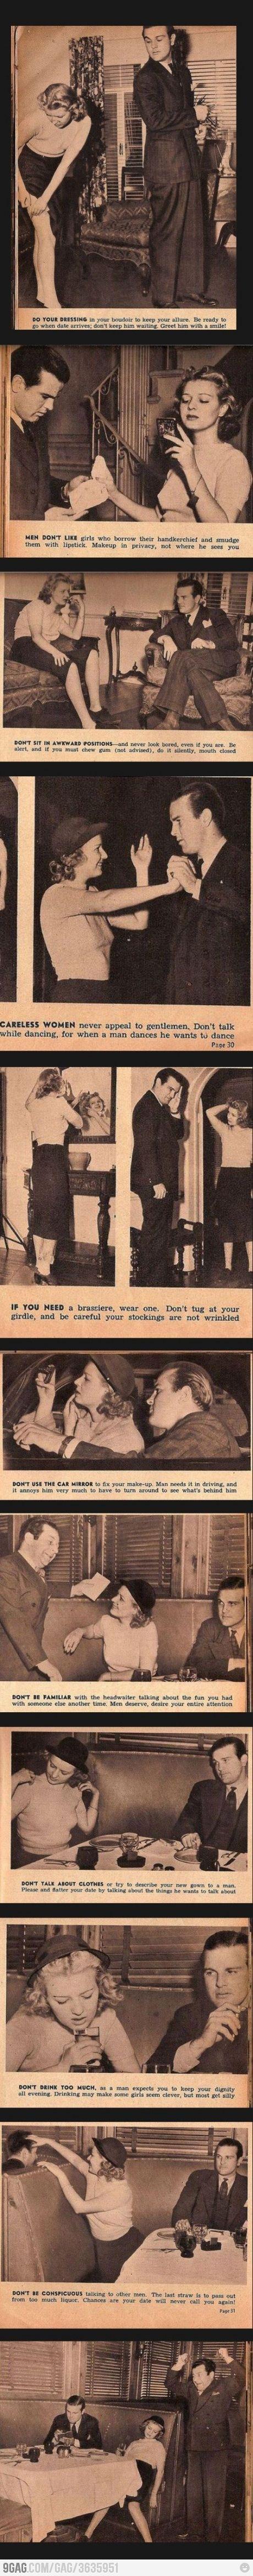 13 roliga och sexistiska Dating Tips från 1938